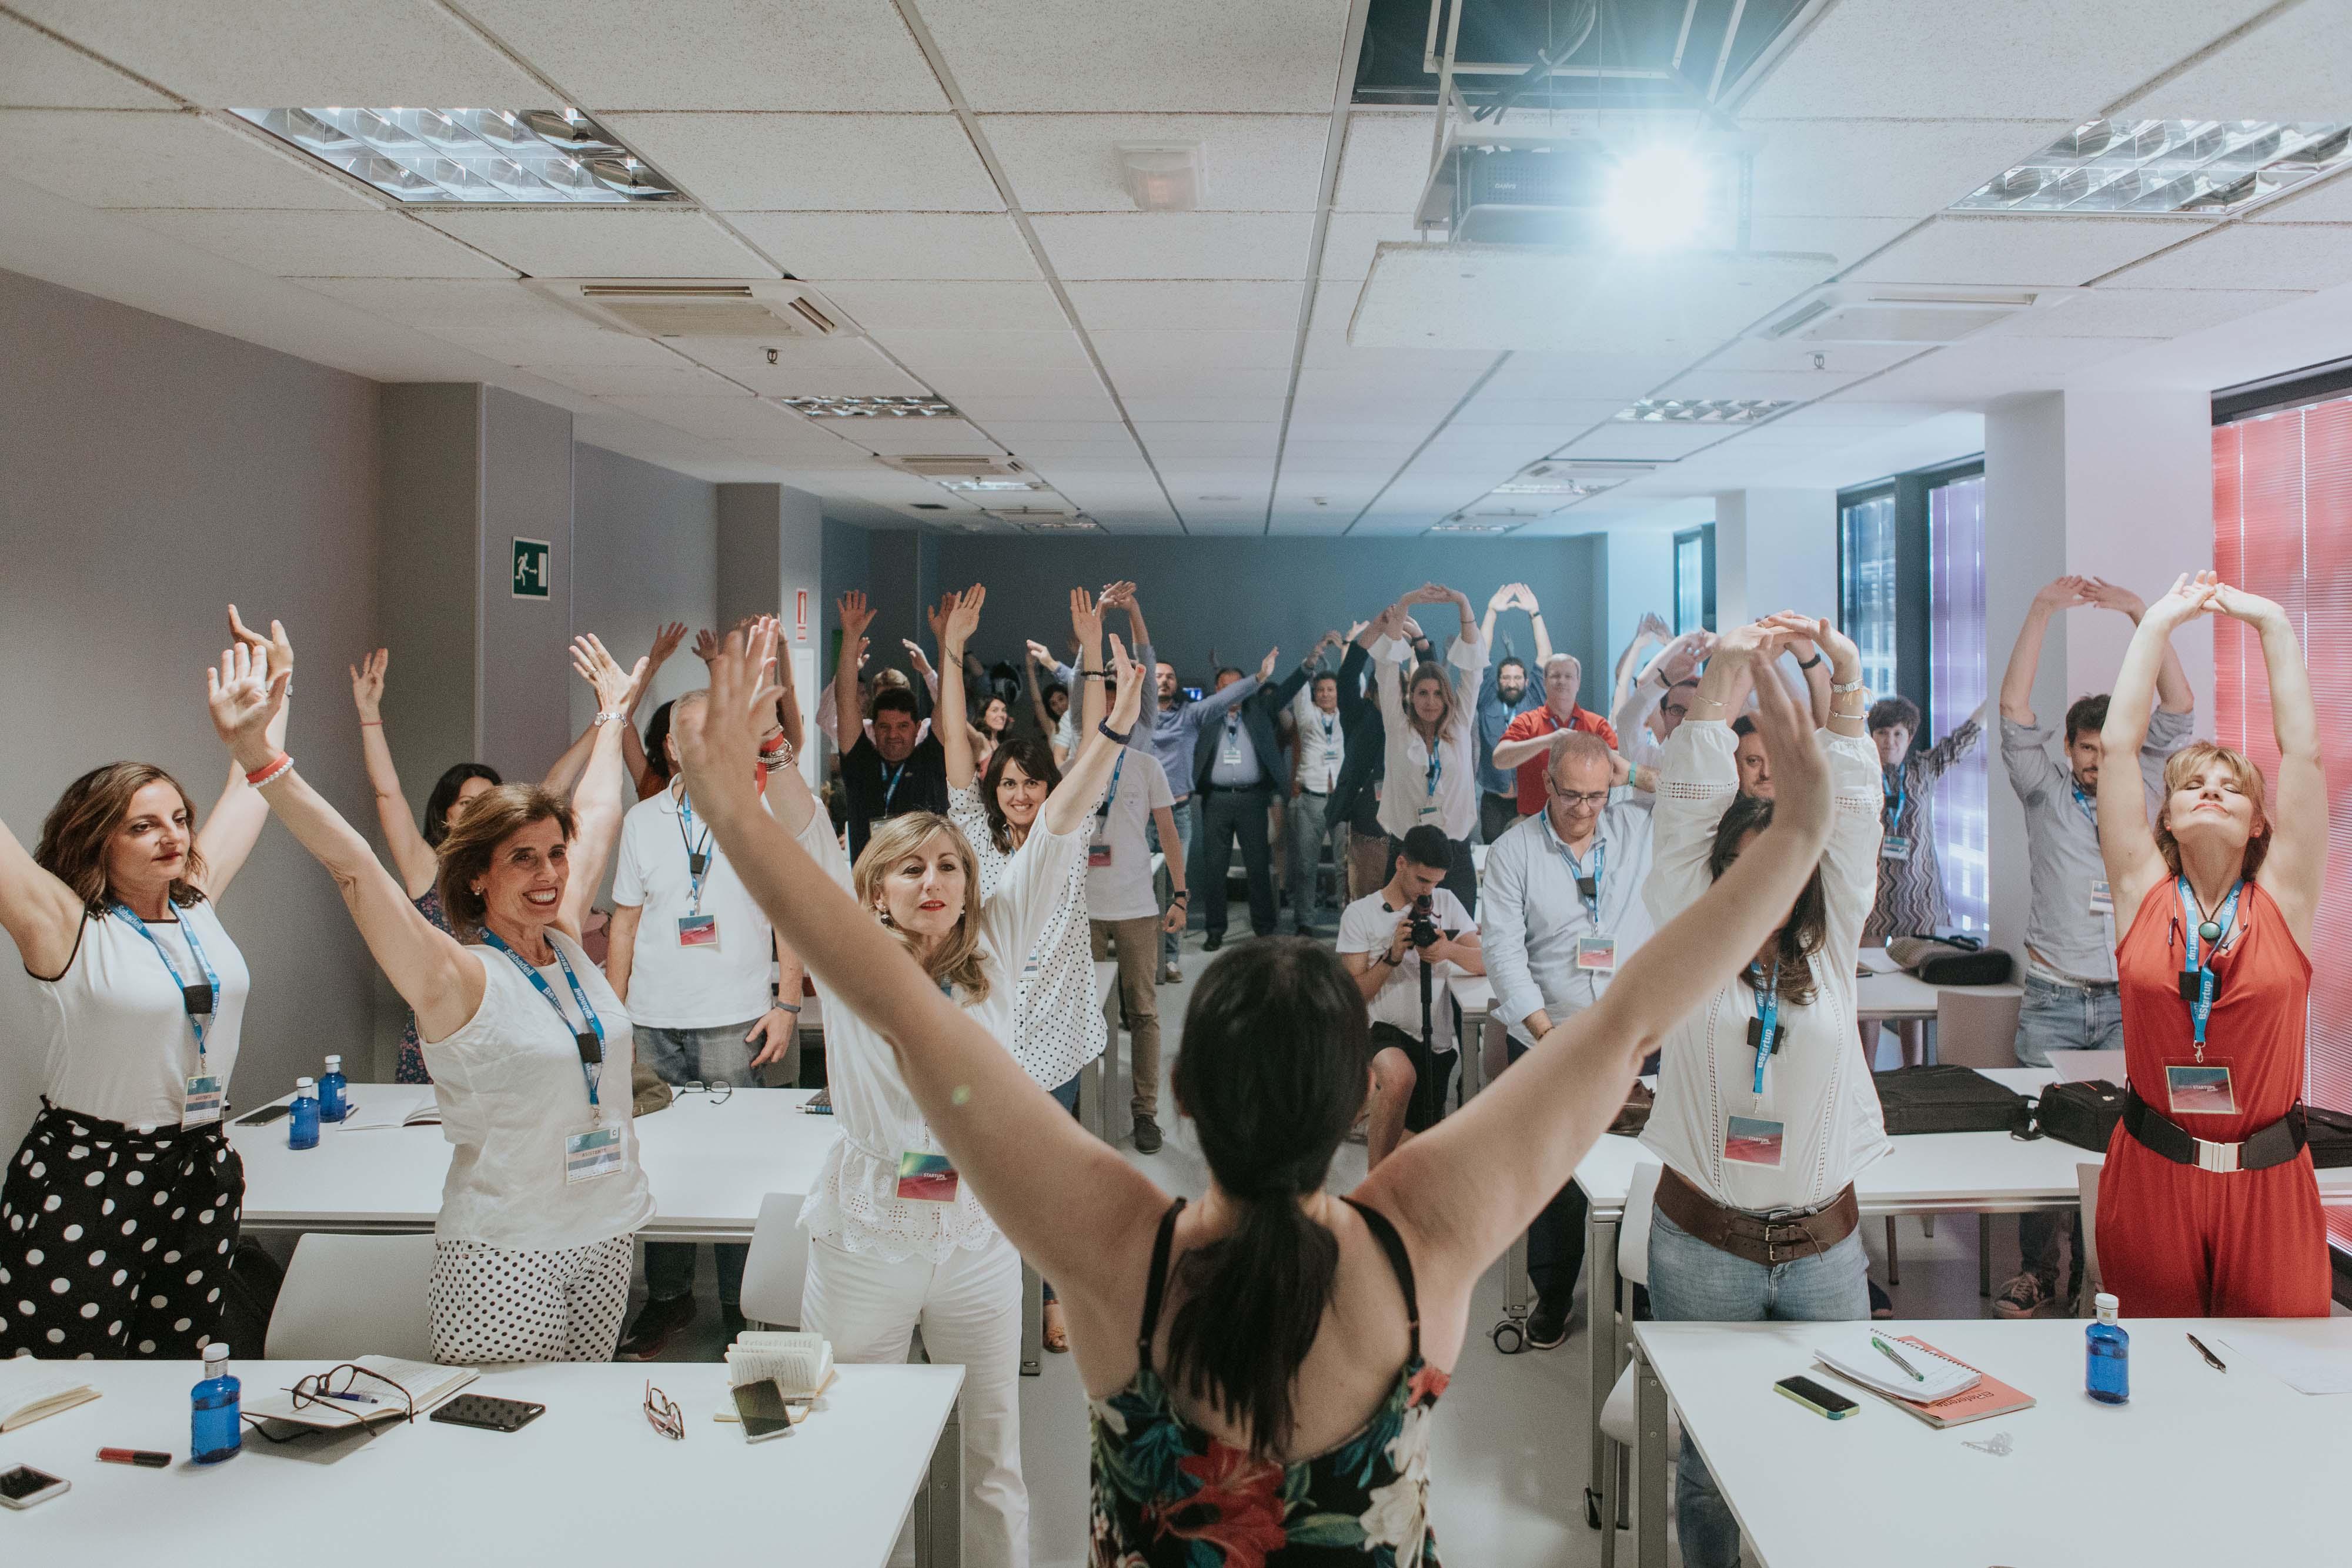 Mediastartups celebra su 10ª edición el próximo 27 de junio en Alcobendas centrándose en la sostenibilidad